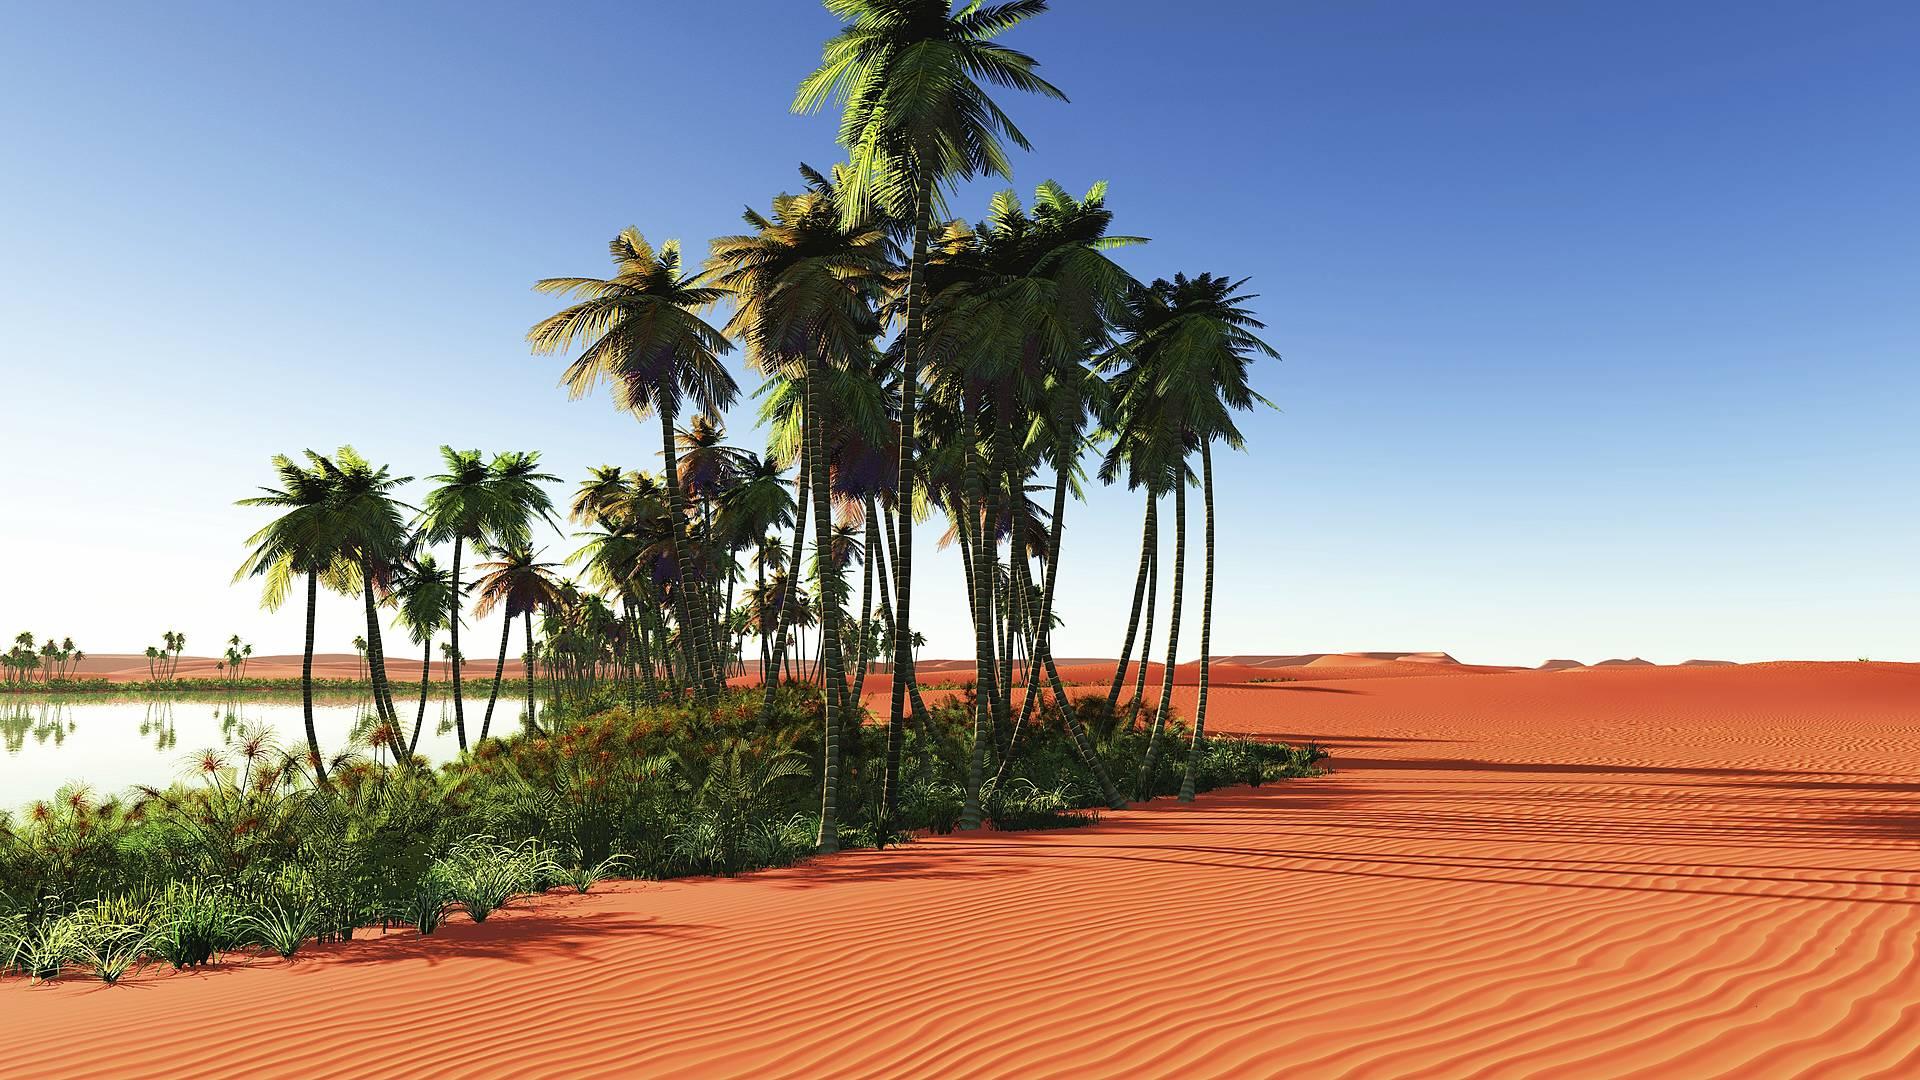 Marrakesch und das Paradies am Rand der Wüste